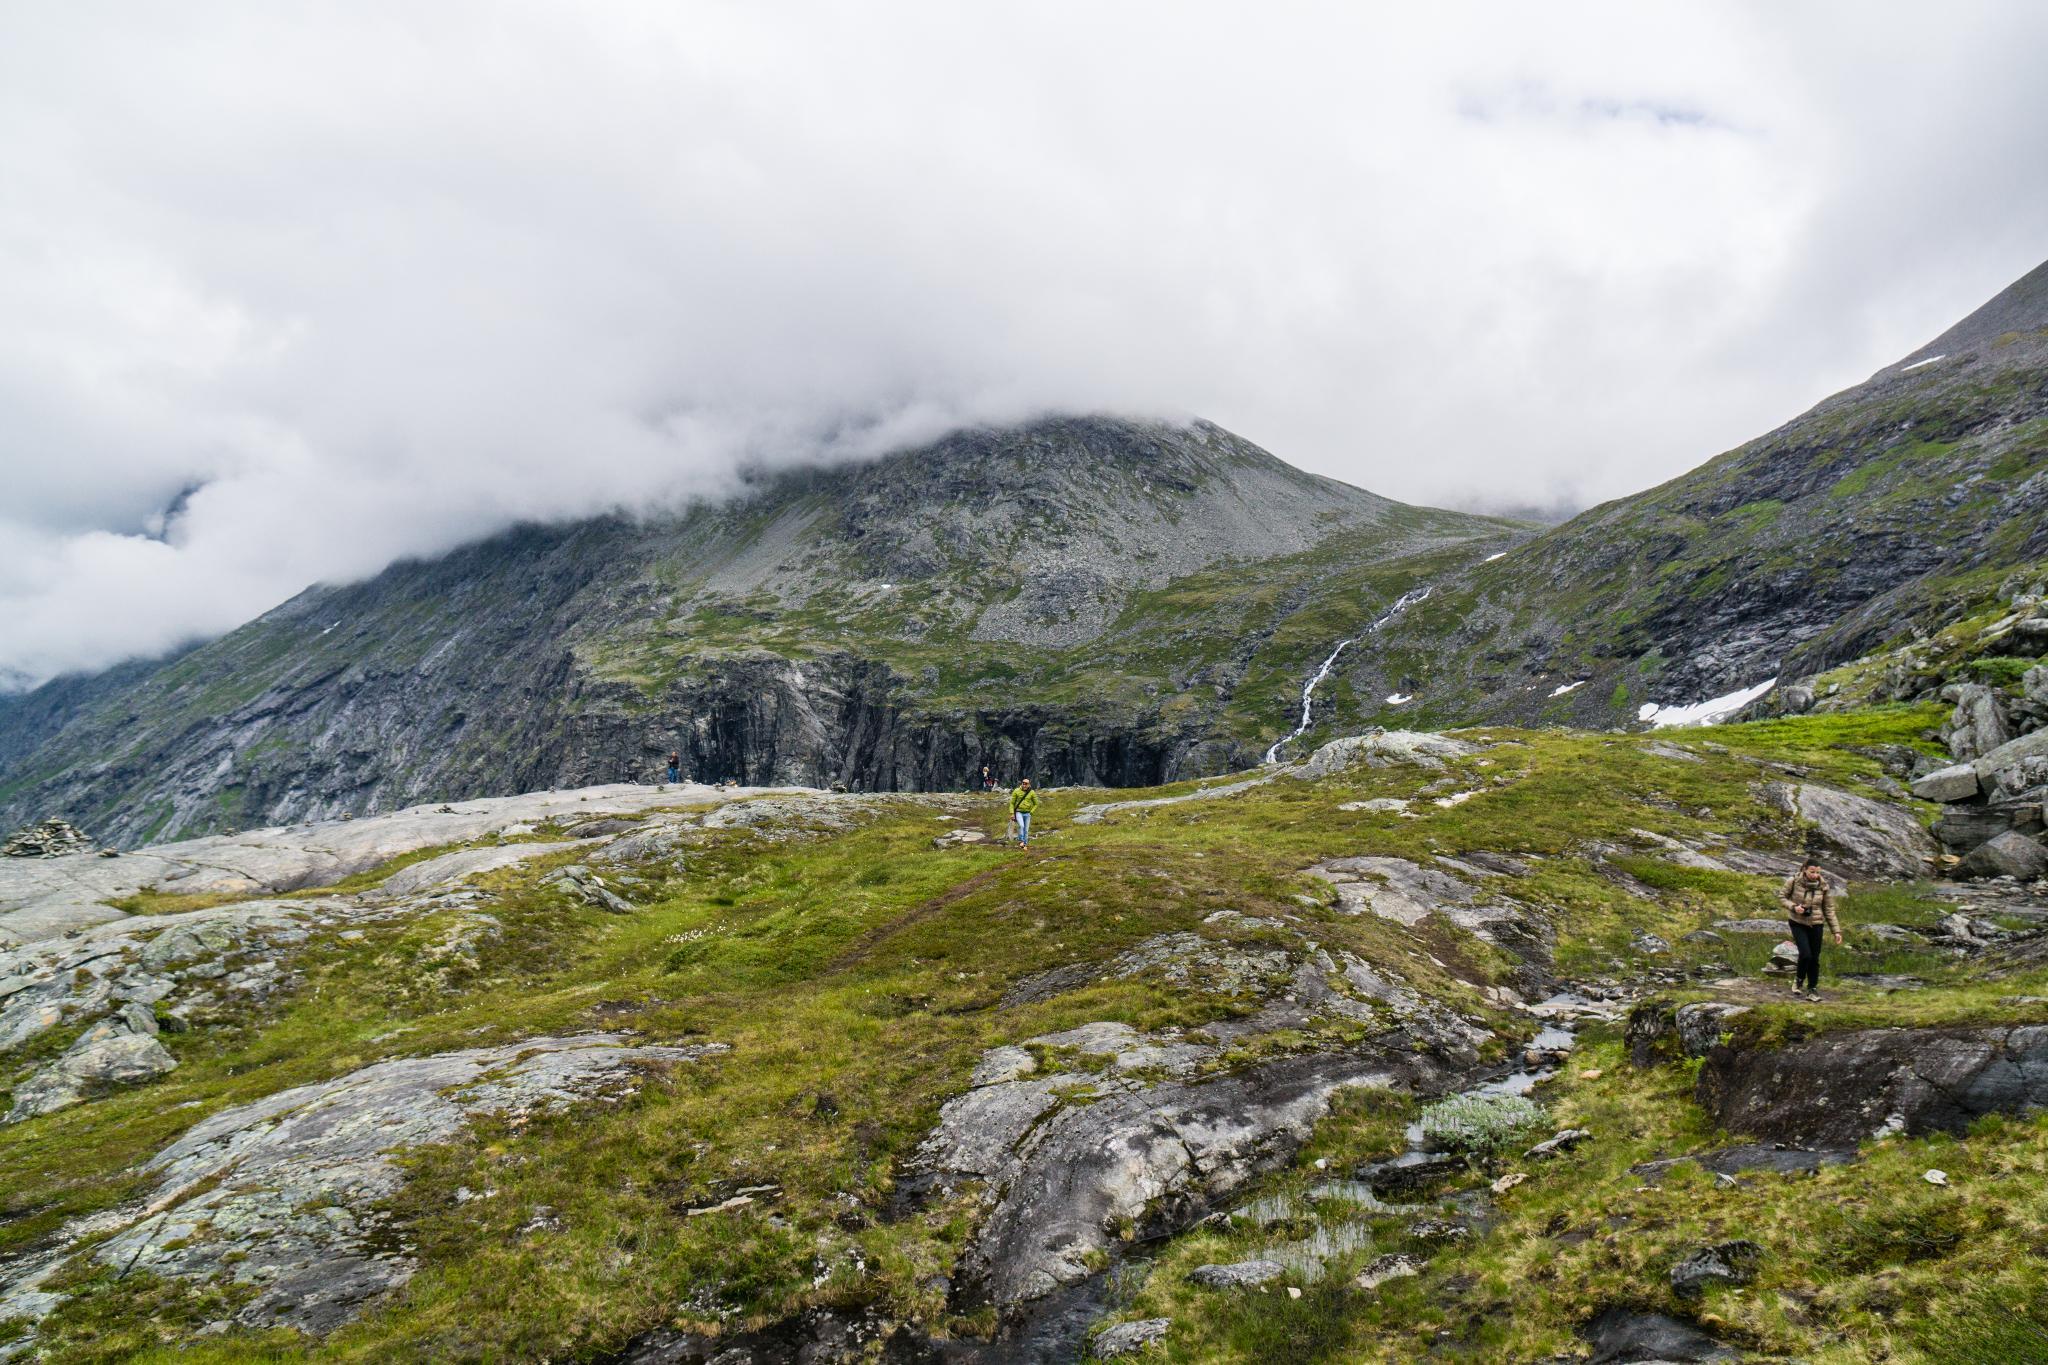 【北歐景點】Trollstigen 精靈之路 ∣ 挪威最驚險的世界級景觀公路 24